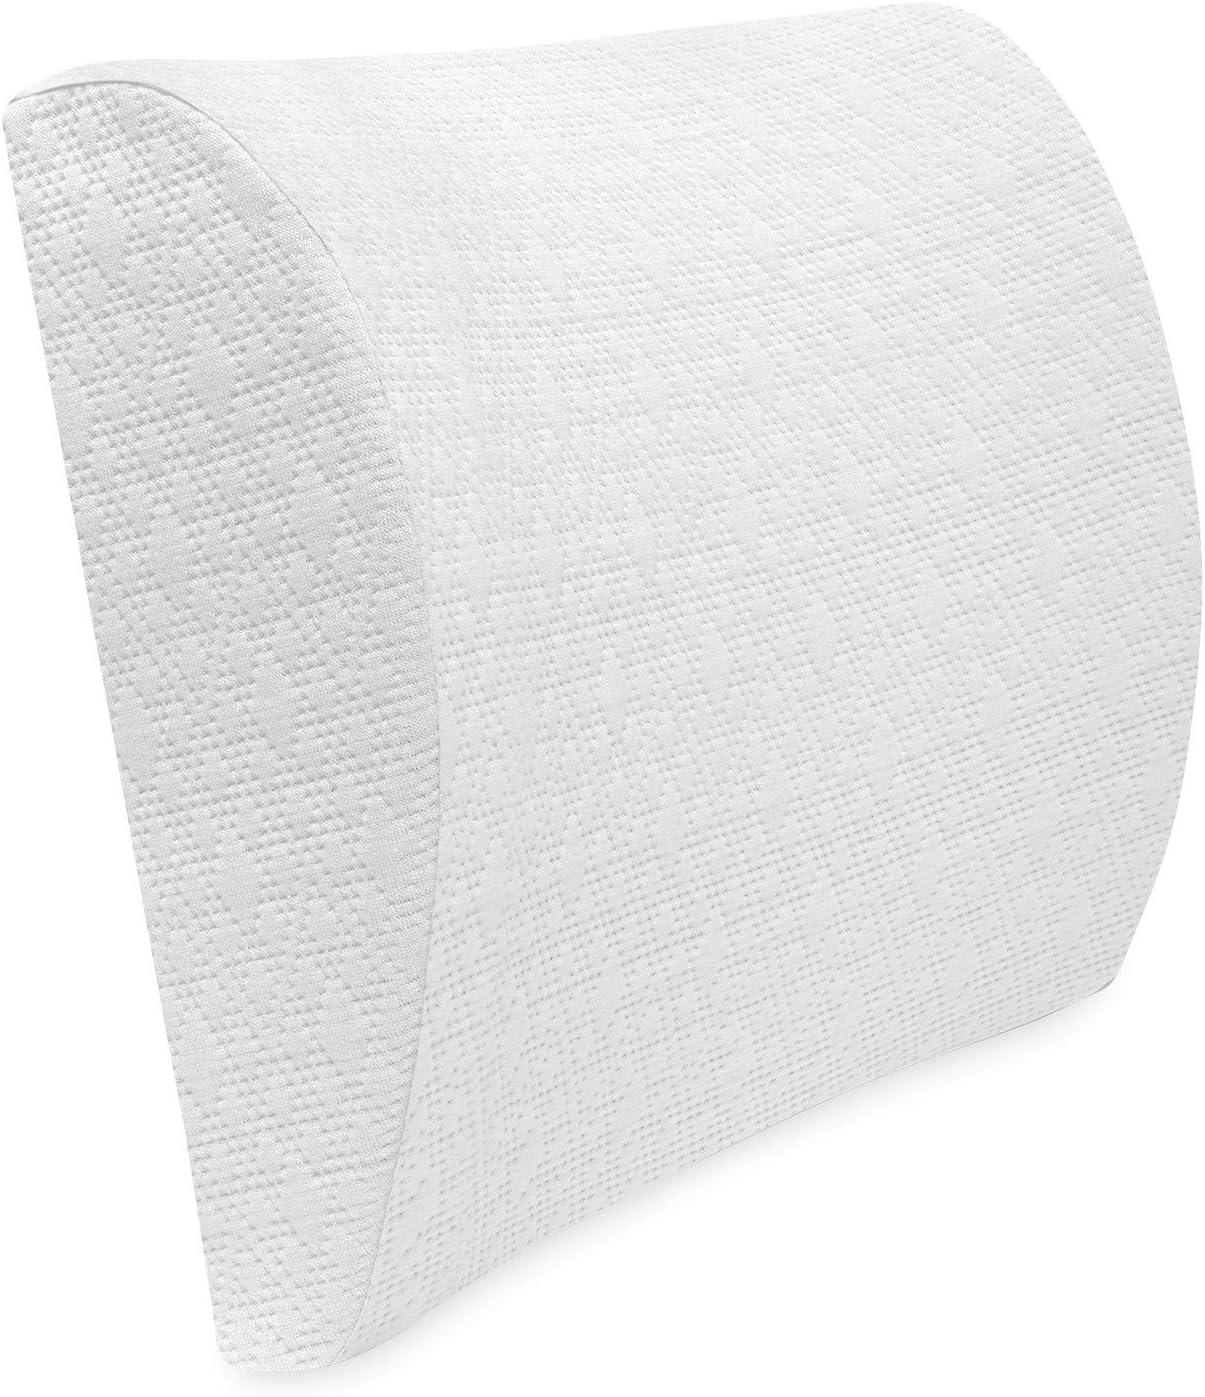 BioPEDIC Gel-Infused Memory Foam White Lumbar Pillow Cheap super special Over item handling price